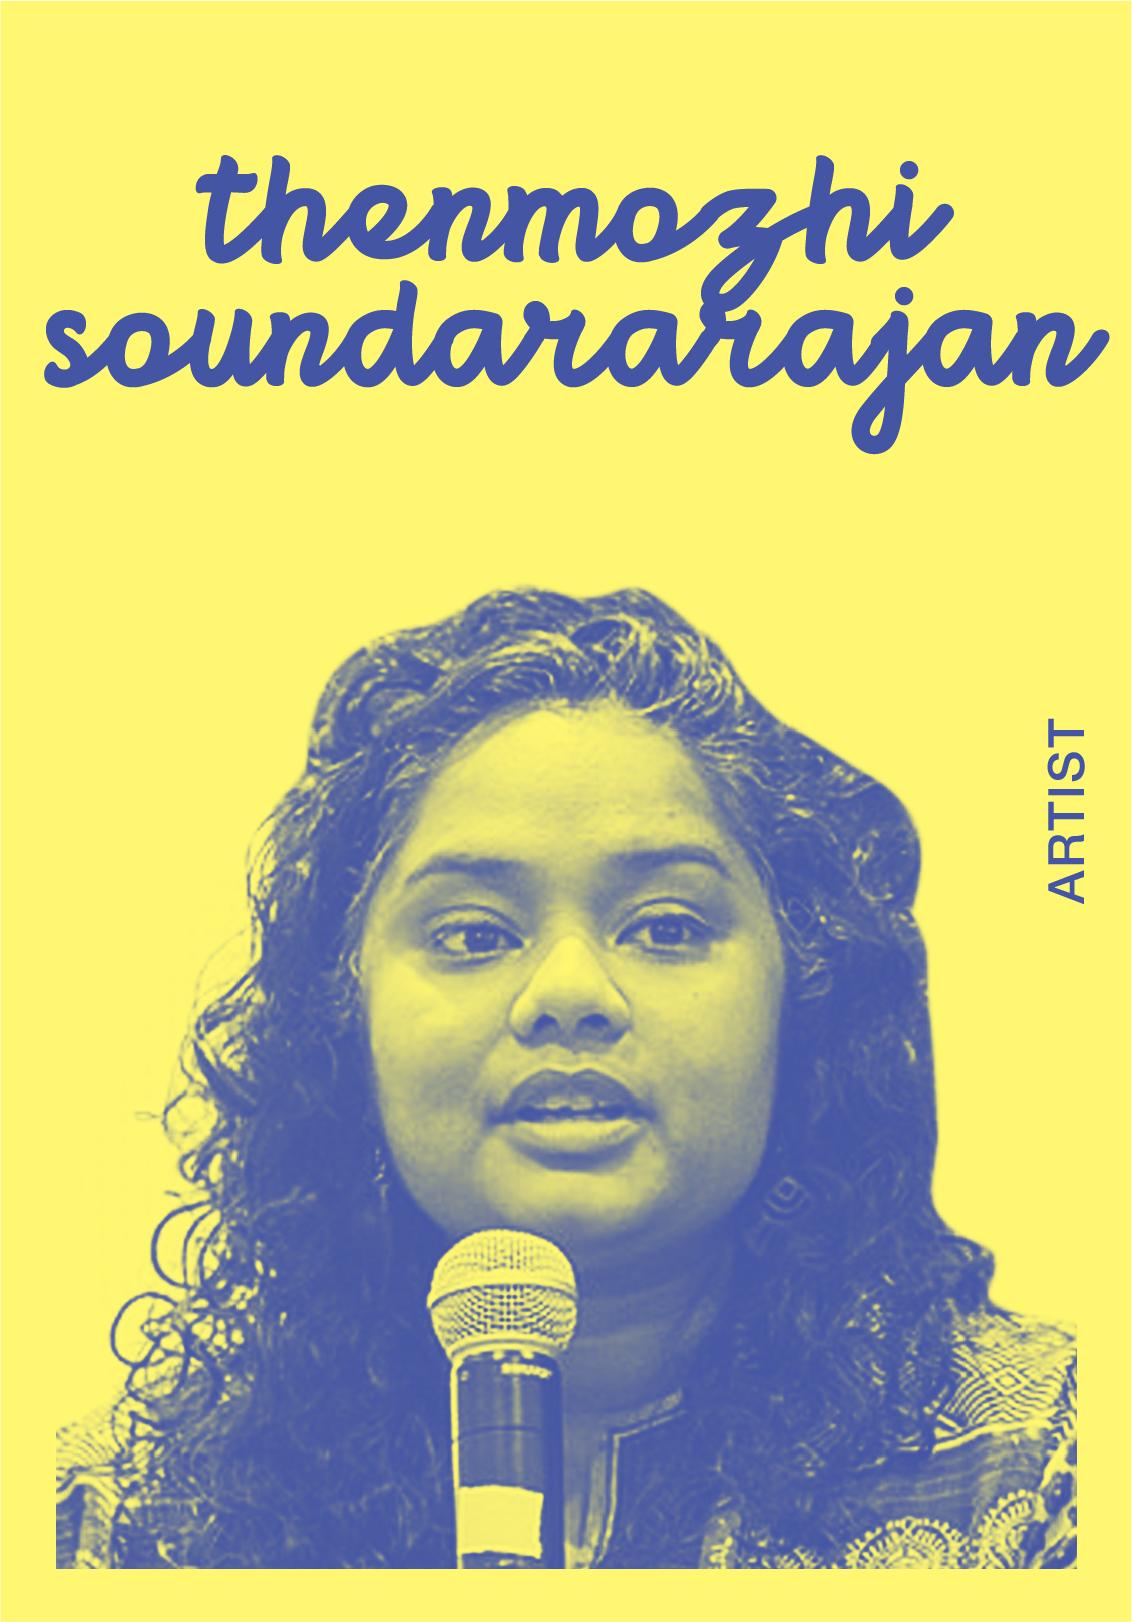 Thenmozhi Soundararajan   @DALITDIVA   IG: DALITDIVA